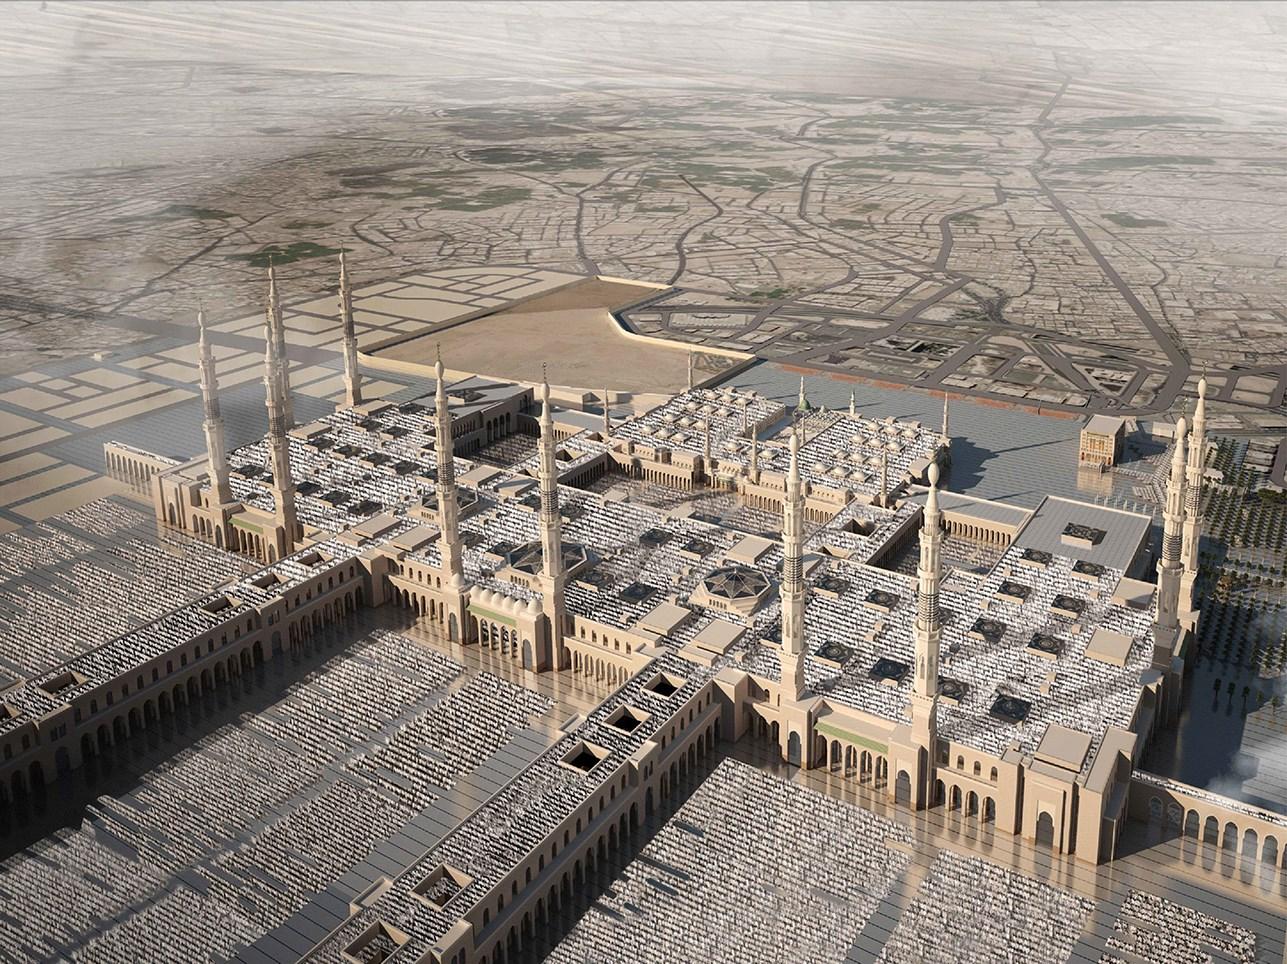 Al-Arabiya TV reports on the Madinah expansion